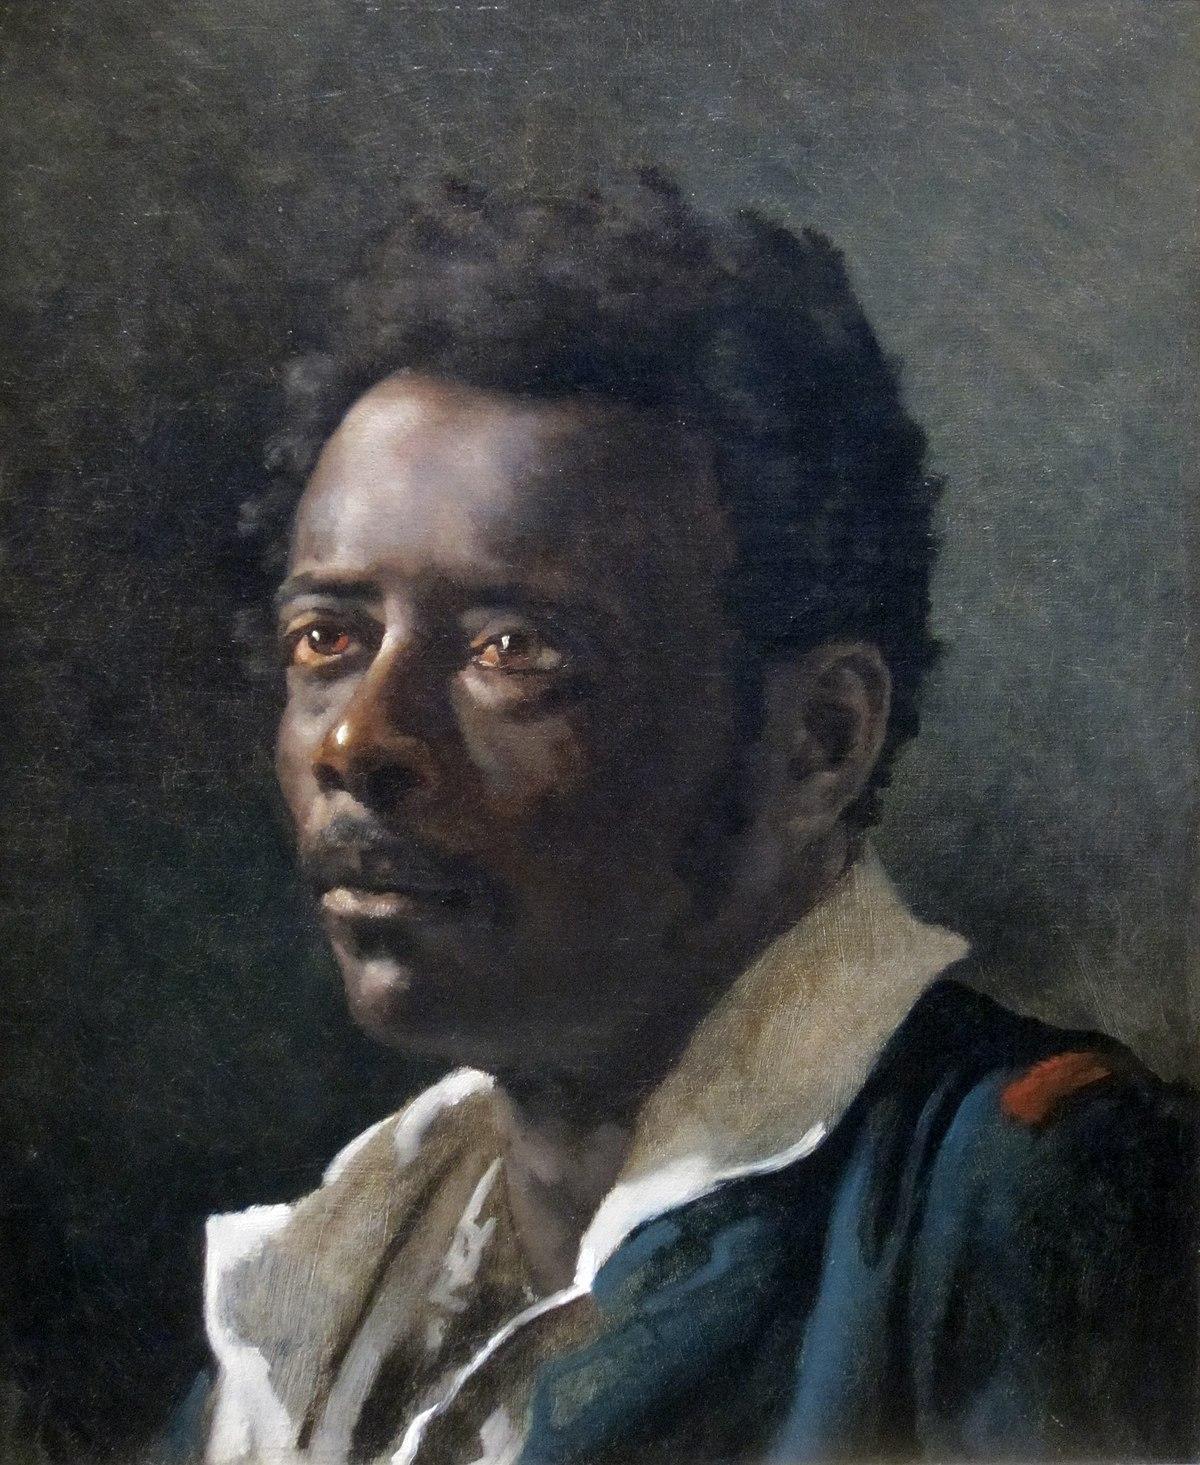 1200px-Portrait_Study_by_Théodore_Géricault,_c